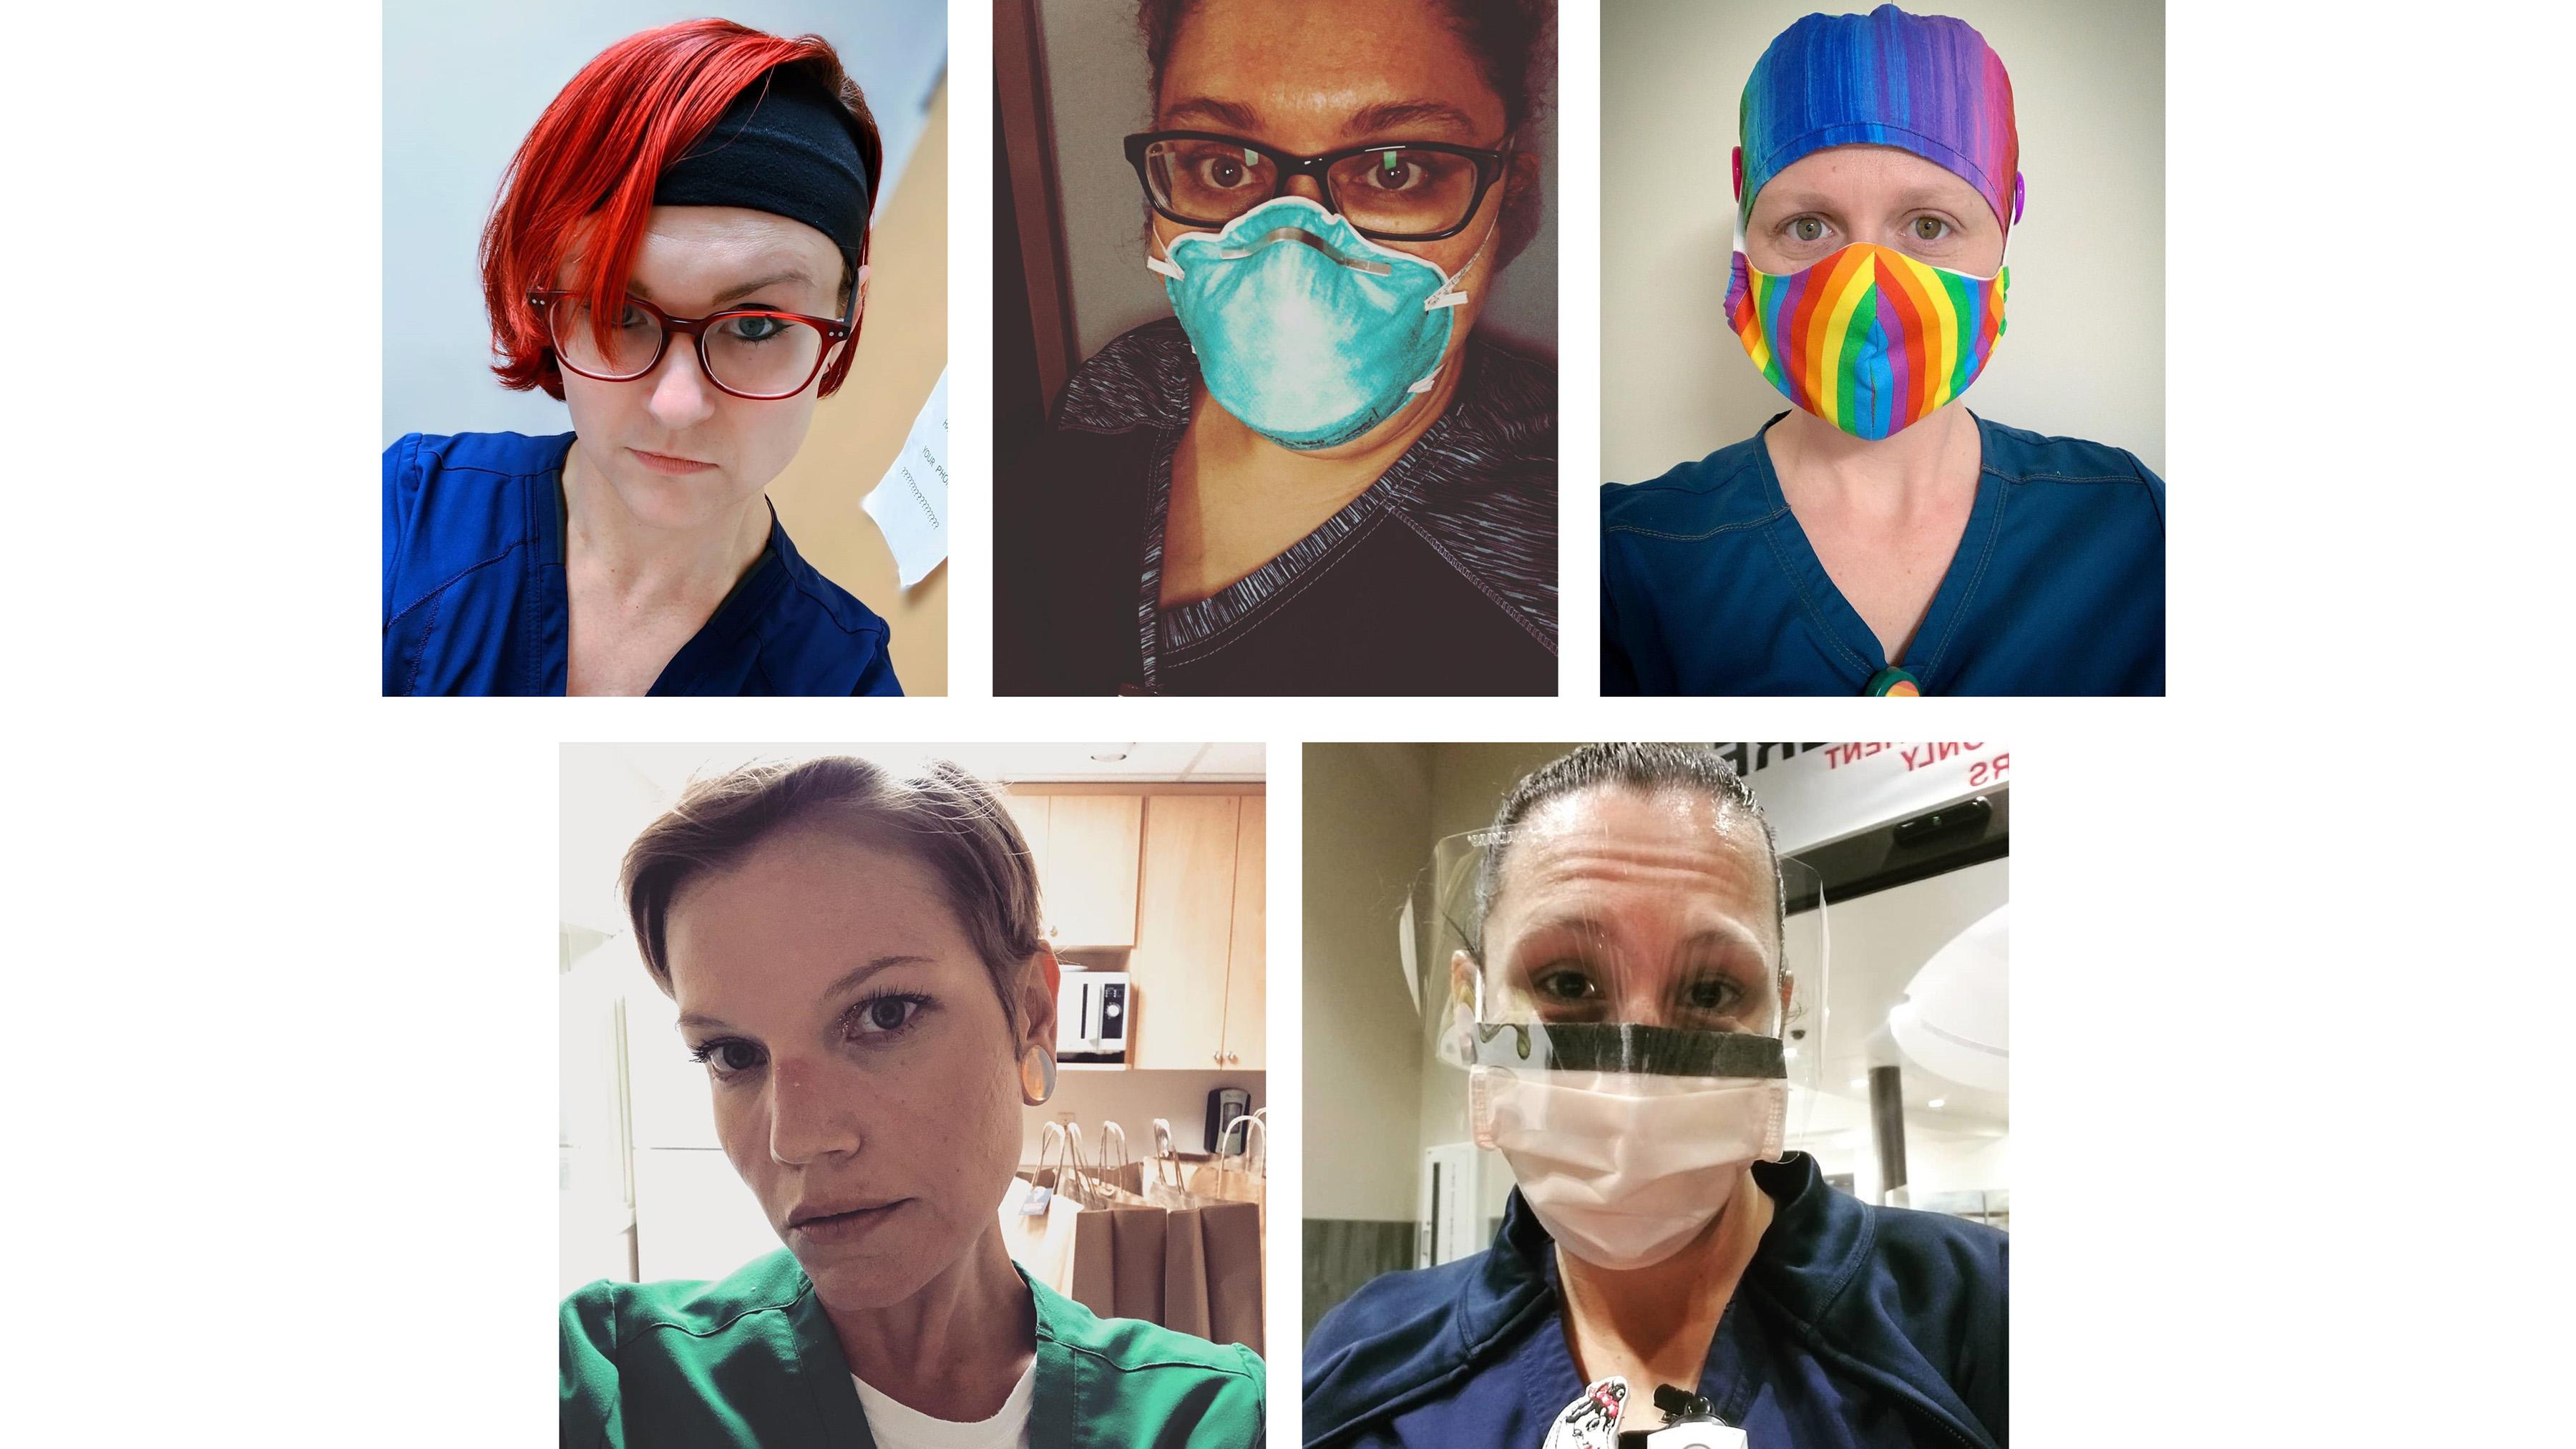 醫療前線的彩虹戰士:對抗疫情的拉拉醫護人員